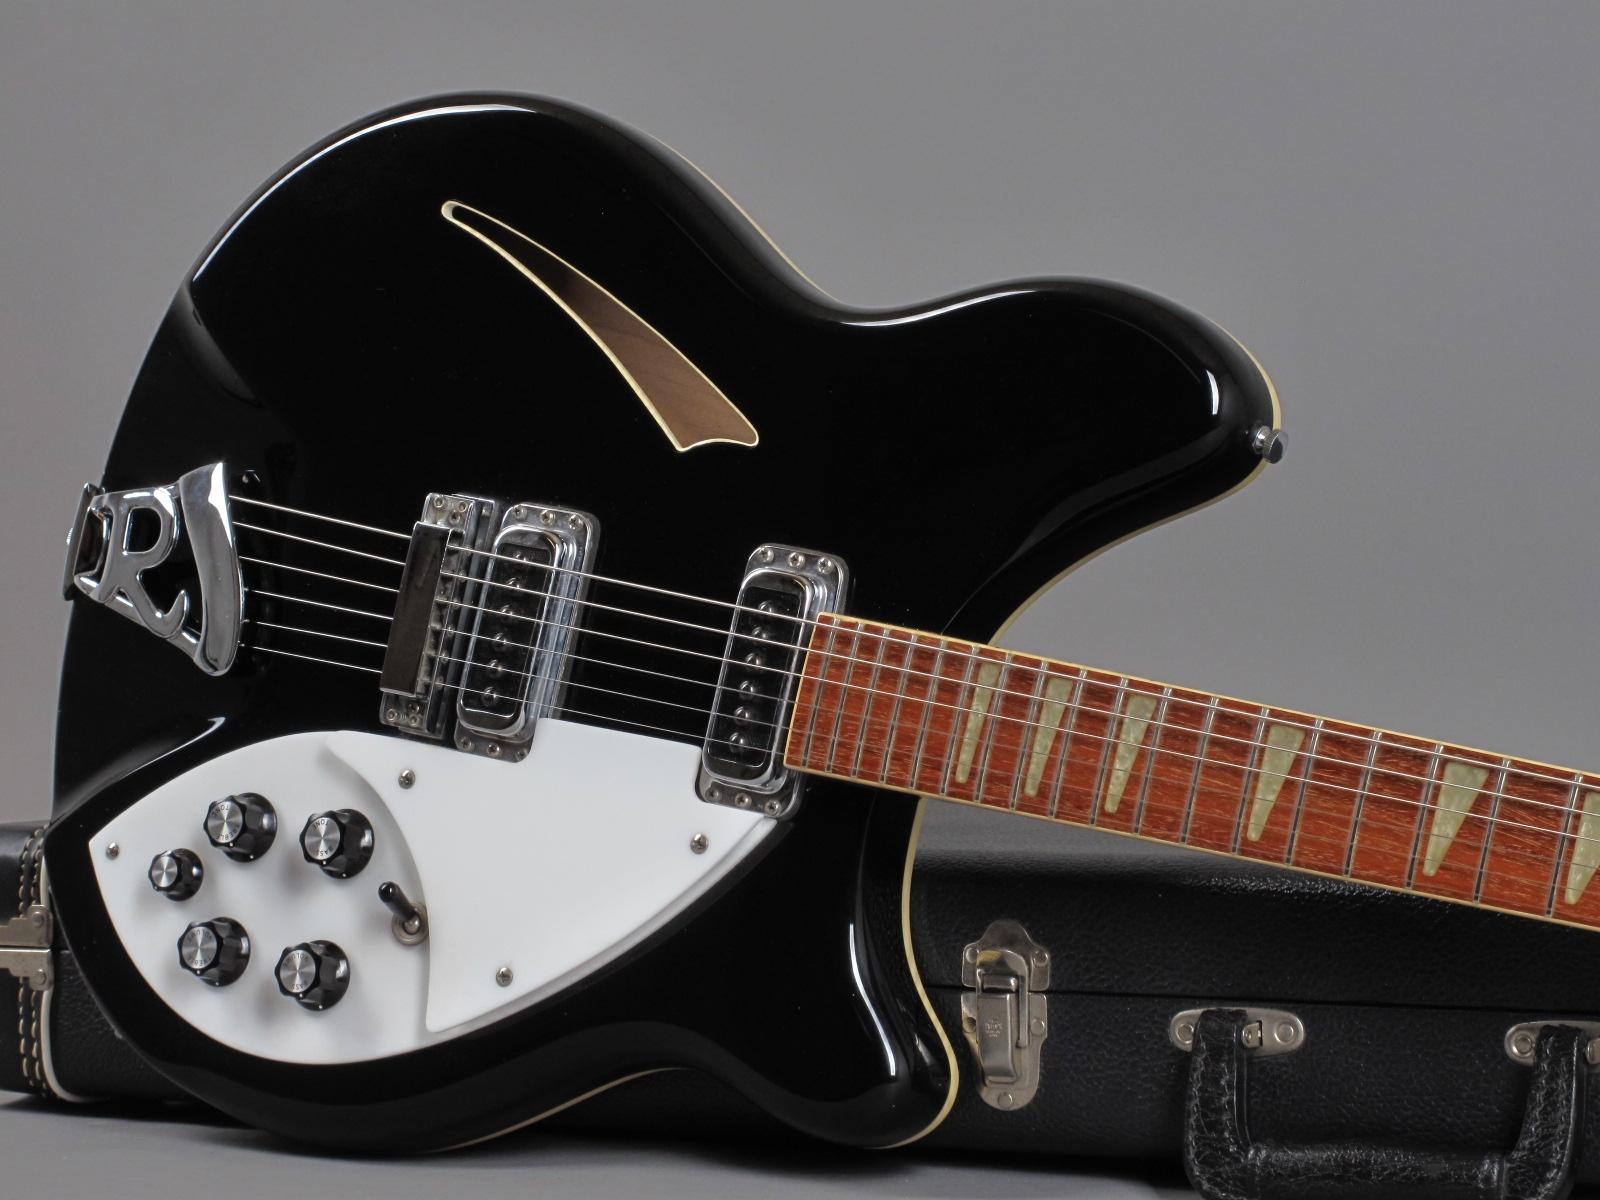 https://guitarpoint.de/app/uploads/products/1989-rickenbacker-360-jetglow/1989-Rickenbacker-360-Jetglow-H2-7747_19.jpg